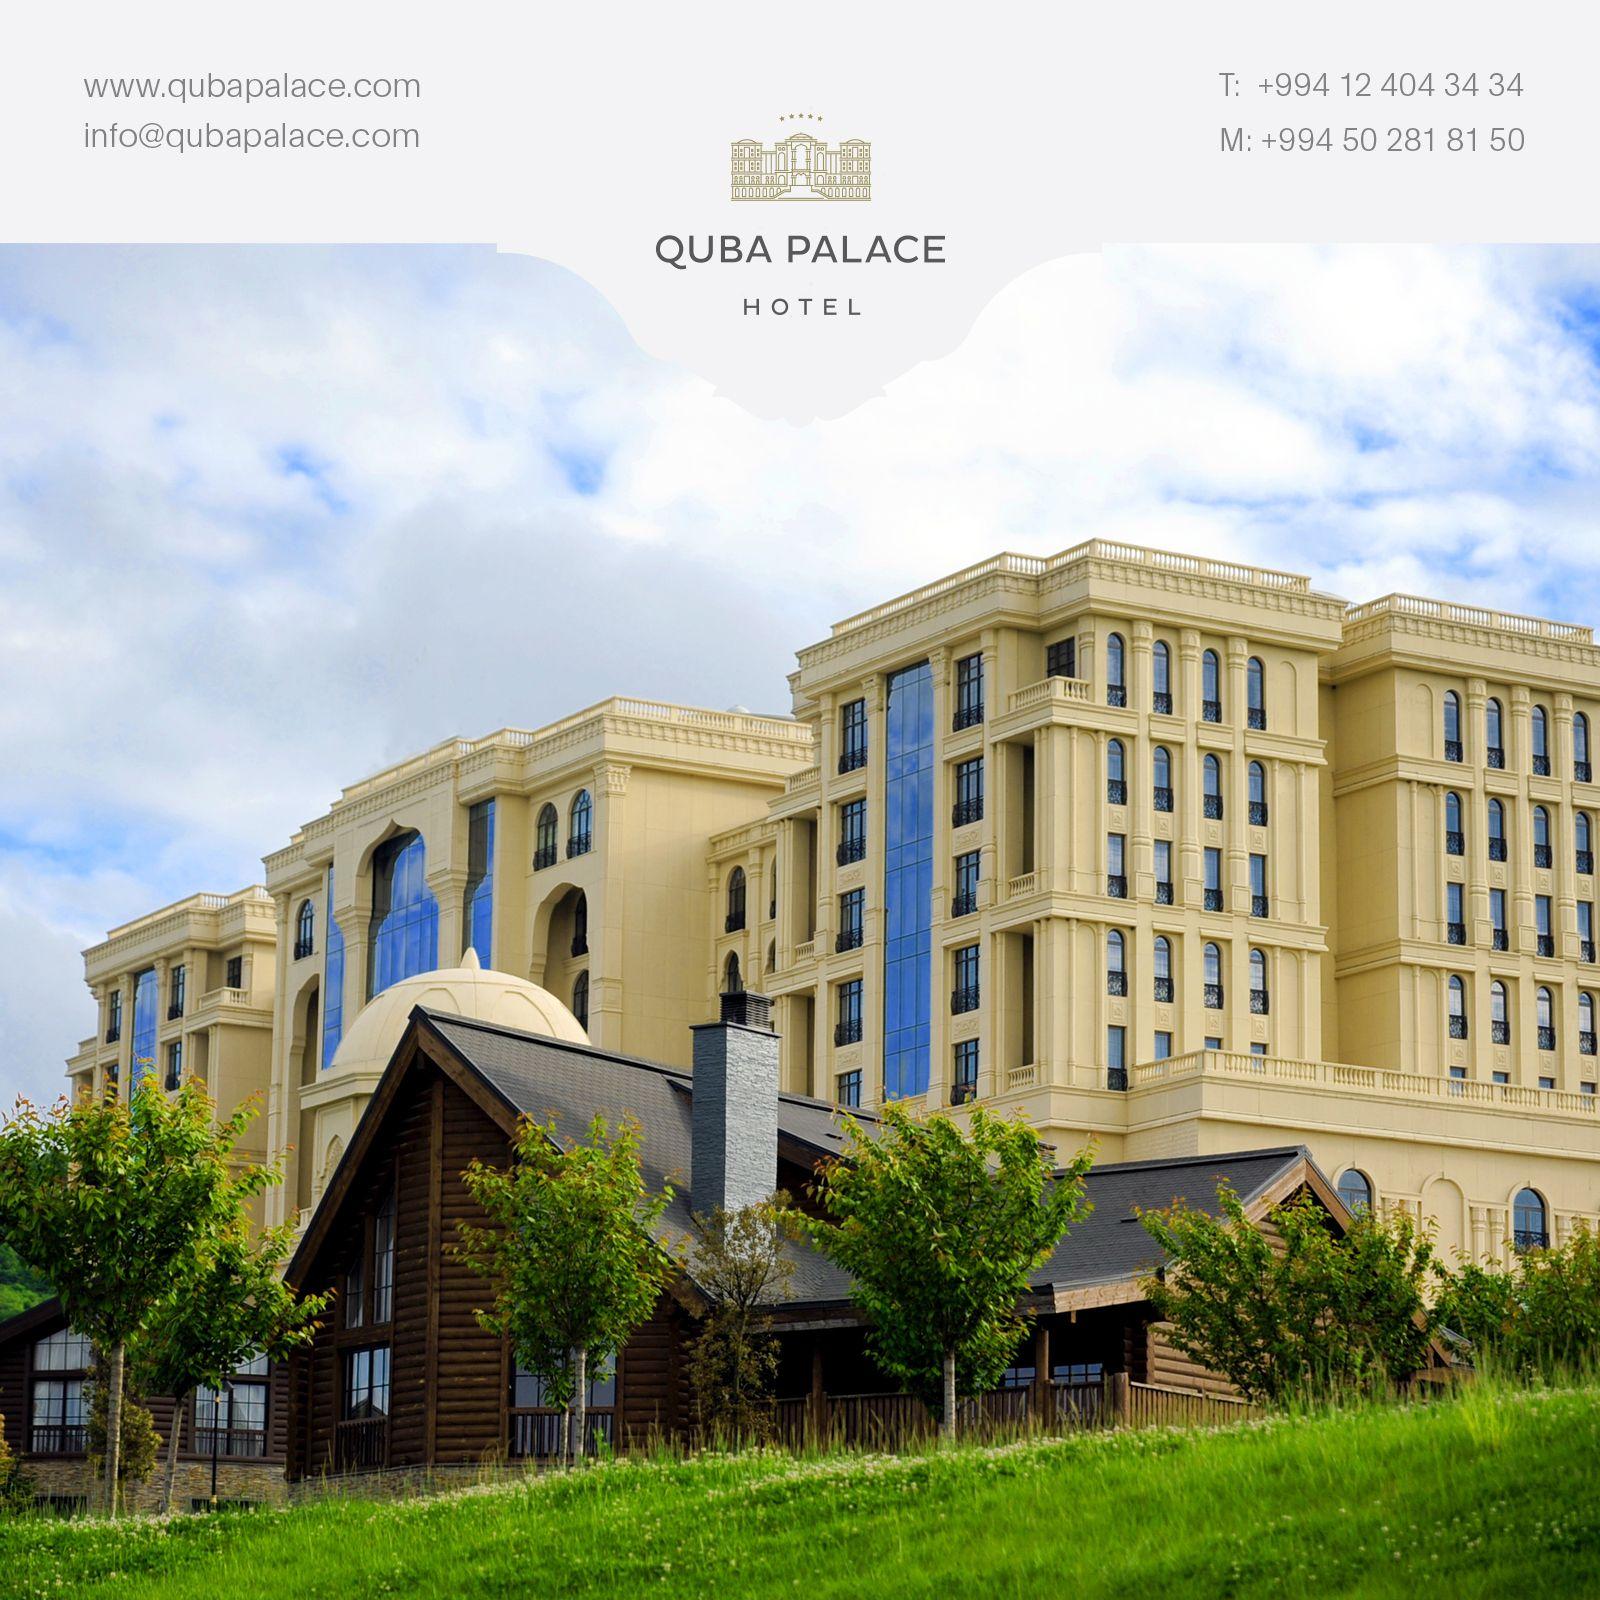 Daglarin Arasinda Mesələrin əhatəsində Yerləsən Quba Palace Hoteli Yuksək Keyfiyyətli Xidməti Ilə Daim Secilir Bunu Biz Yo Palace Hotel House Styles Mansions